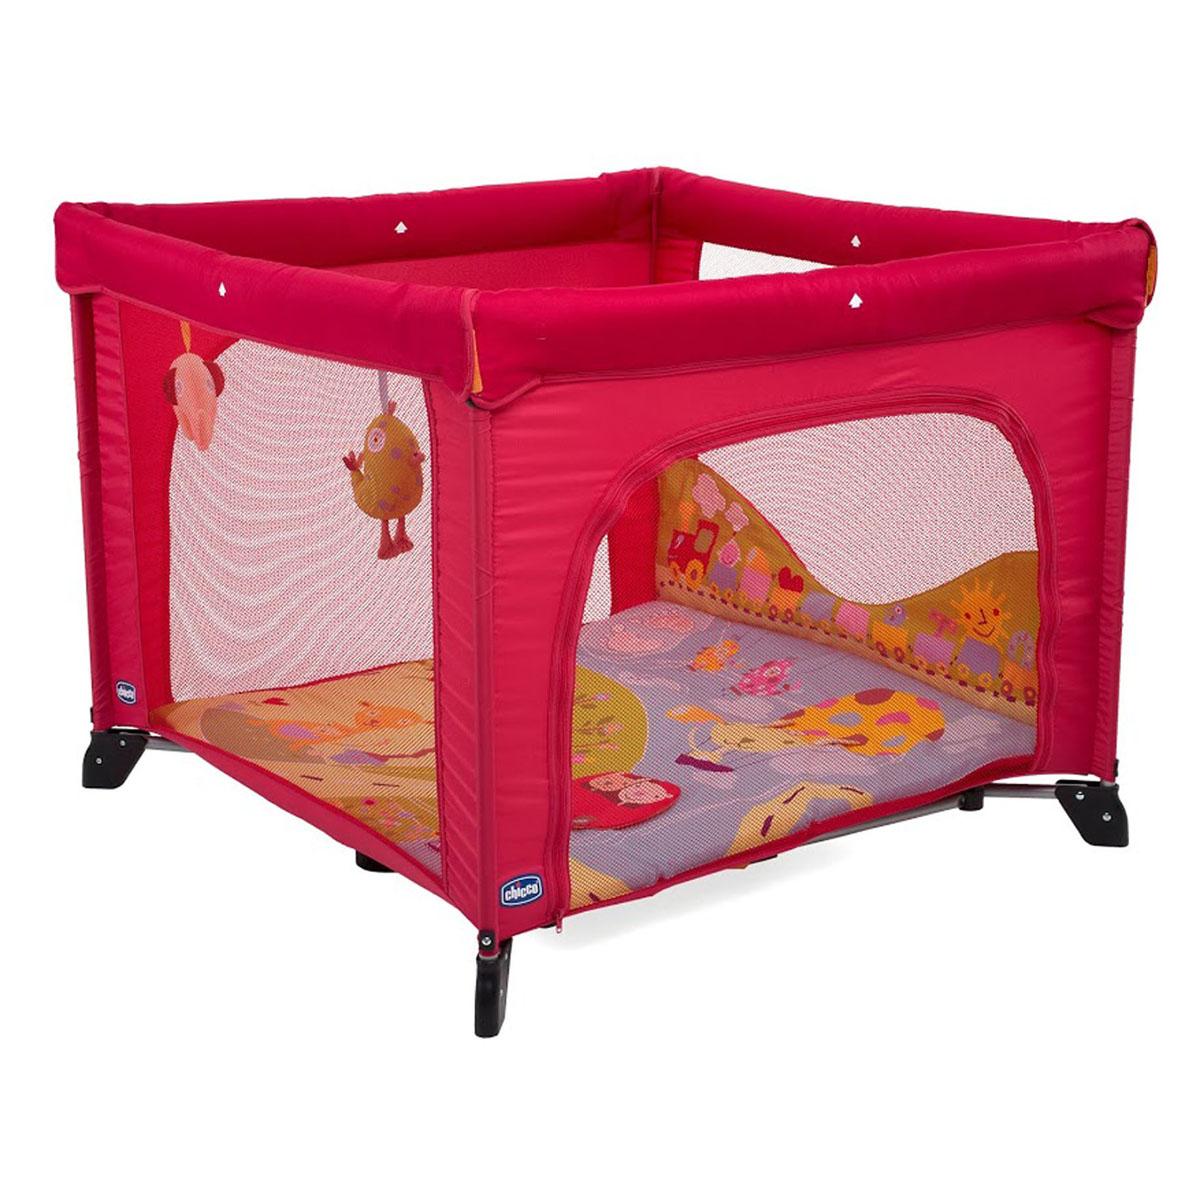 Chicco Кровать-манеж Open Baby World цвет красный07061689660000Удобная кровать- манеж Chicco (Чико) Open Baby World прослужит вашему ребенку с самых первых дней и до четырех лет. Он прекрасно подходит для использования во время путешествий, отдыха на даче и дома. Манеж выполнен из современных и легких материалов, он просторный, имеет квадратную форму и удобен в эксплуатации. Поставляется с мягким набивным матрасиком, который можно использовать вне манежа, когда малыш начнет свободно передвигаться по дому. Матрасик оформлен веселыми рисунками, материалы разных фактур и звуковые воздействия играют важную роль в развитии зрительных и осязательных навыков ребенка. Манеж дополнен мягкими, приятными на ощупь подвесными игрушками. Особенности манежа Chicco (Чико) Open Baby World: боковые стороны со вставками из мелкой сетки обеспечивают вентиляцию, прекрасное освещение и позволяют хорошо видеть малыша, когда он спит или играет, одна сторона - на застежке-молнии; поручни обтянуты мягкой тканью; твердое основание...